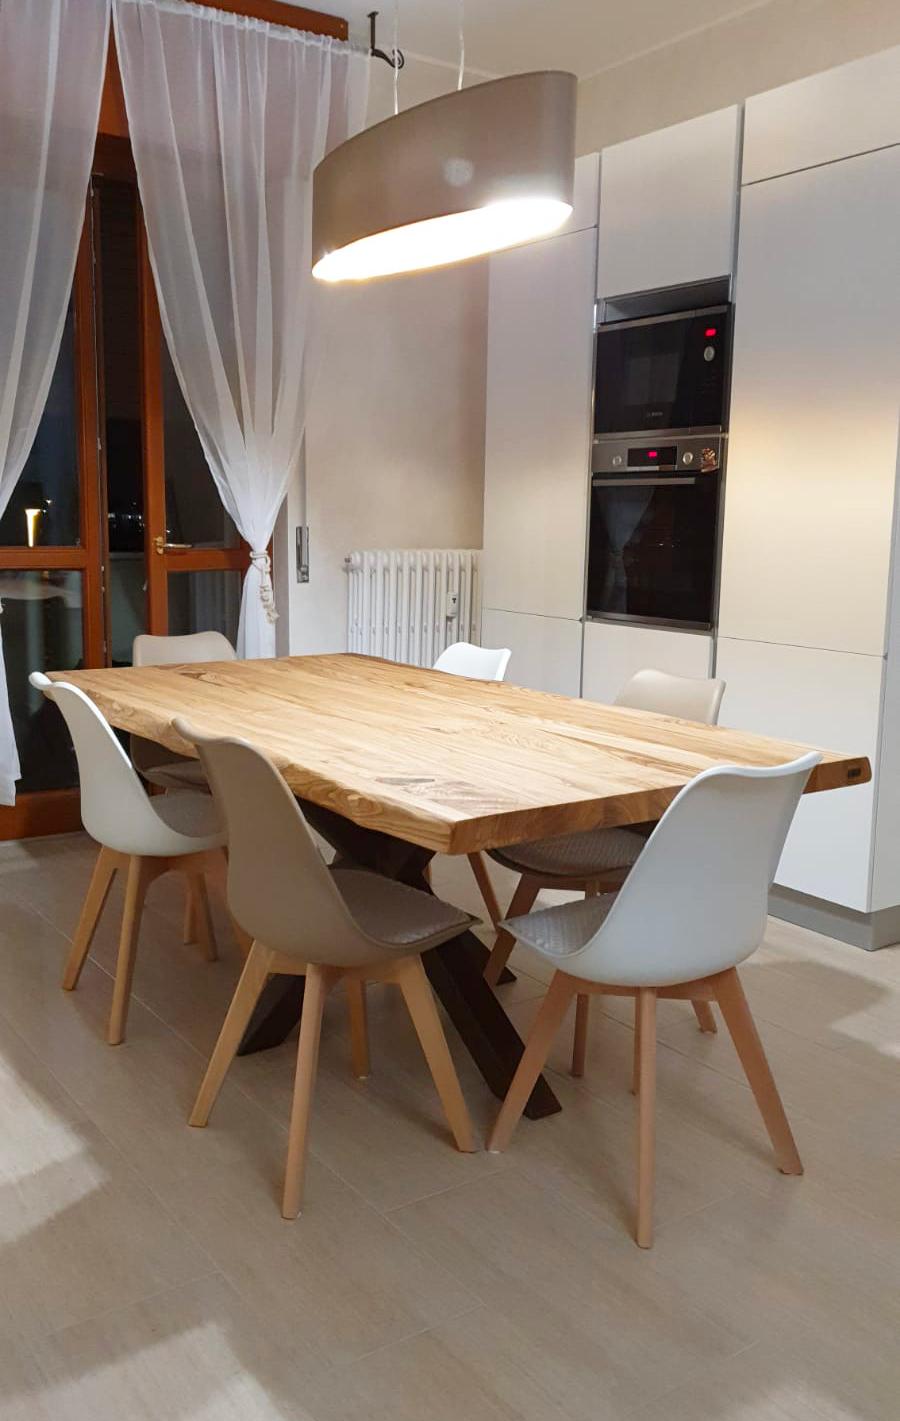 Tavolo Con Gamba Centrale tavolo da cucina 160x80 cm con gamba a stella centrale effetto ruggine